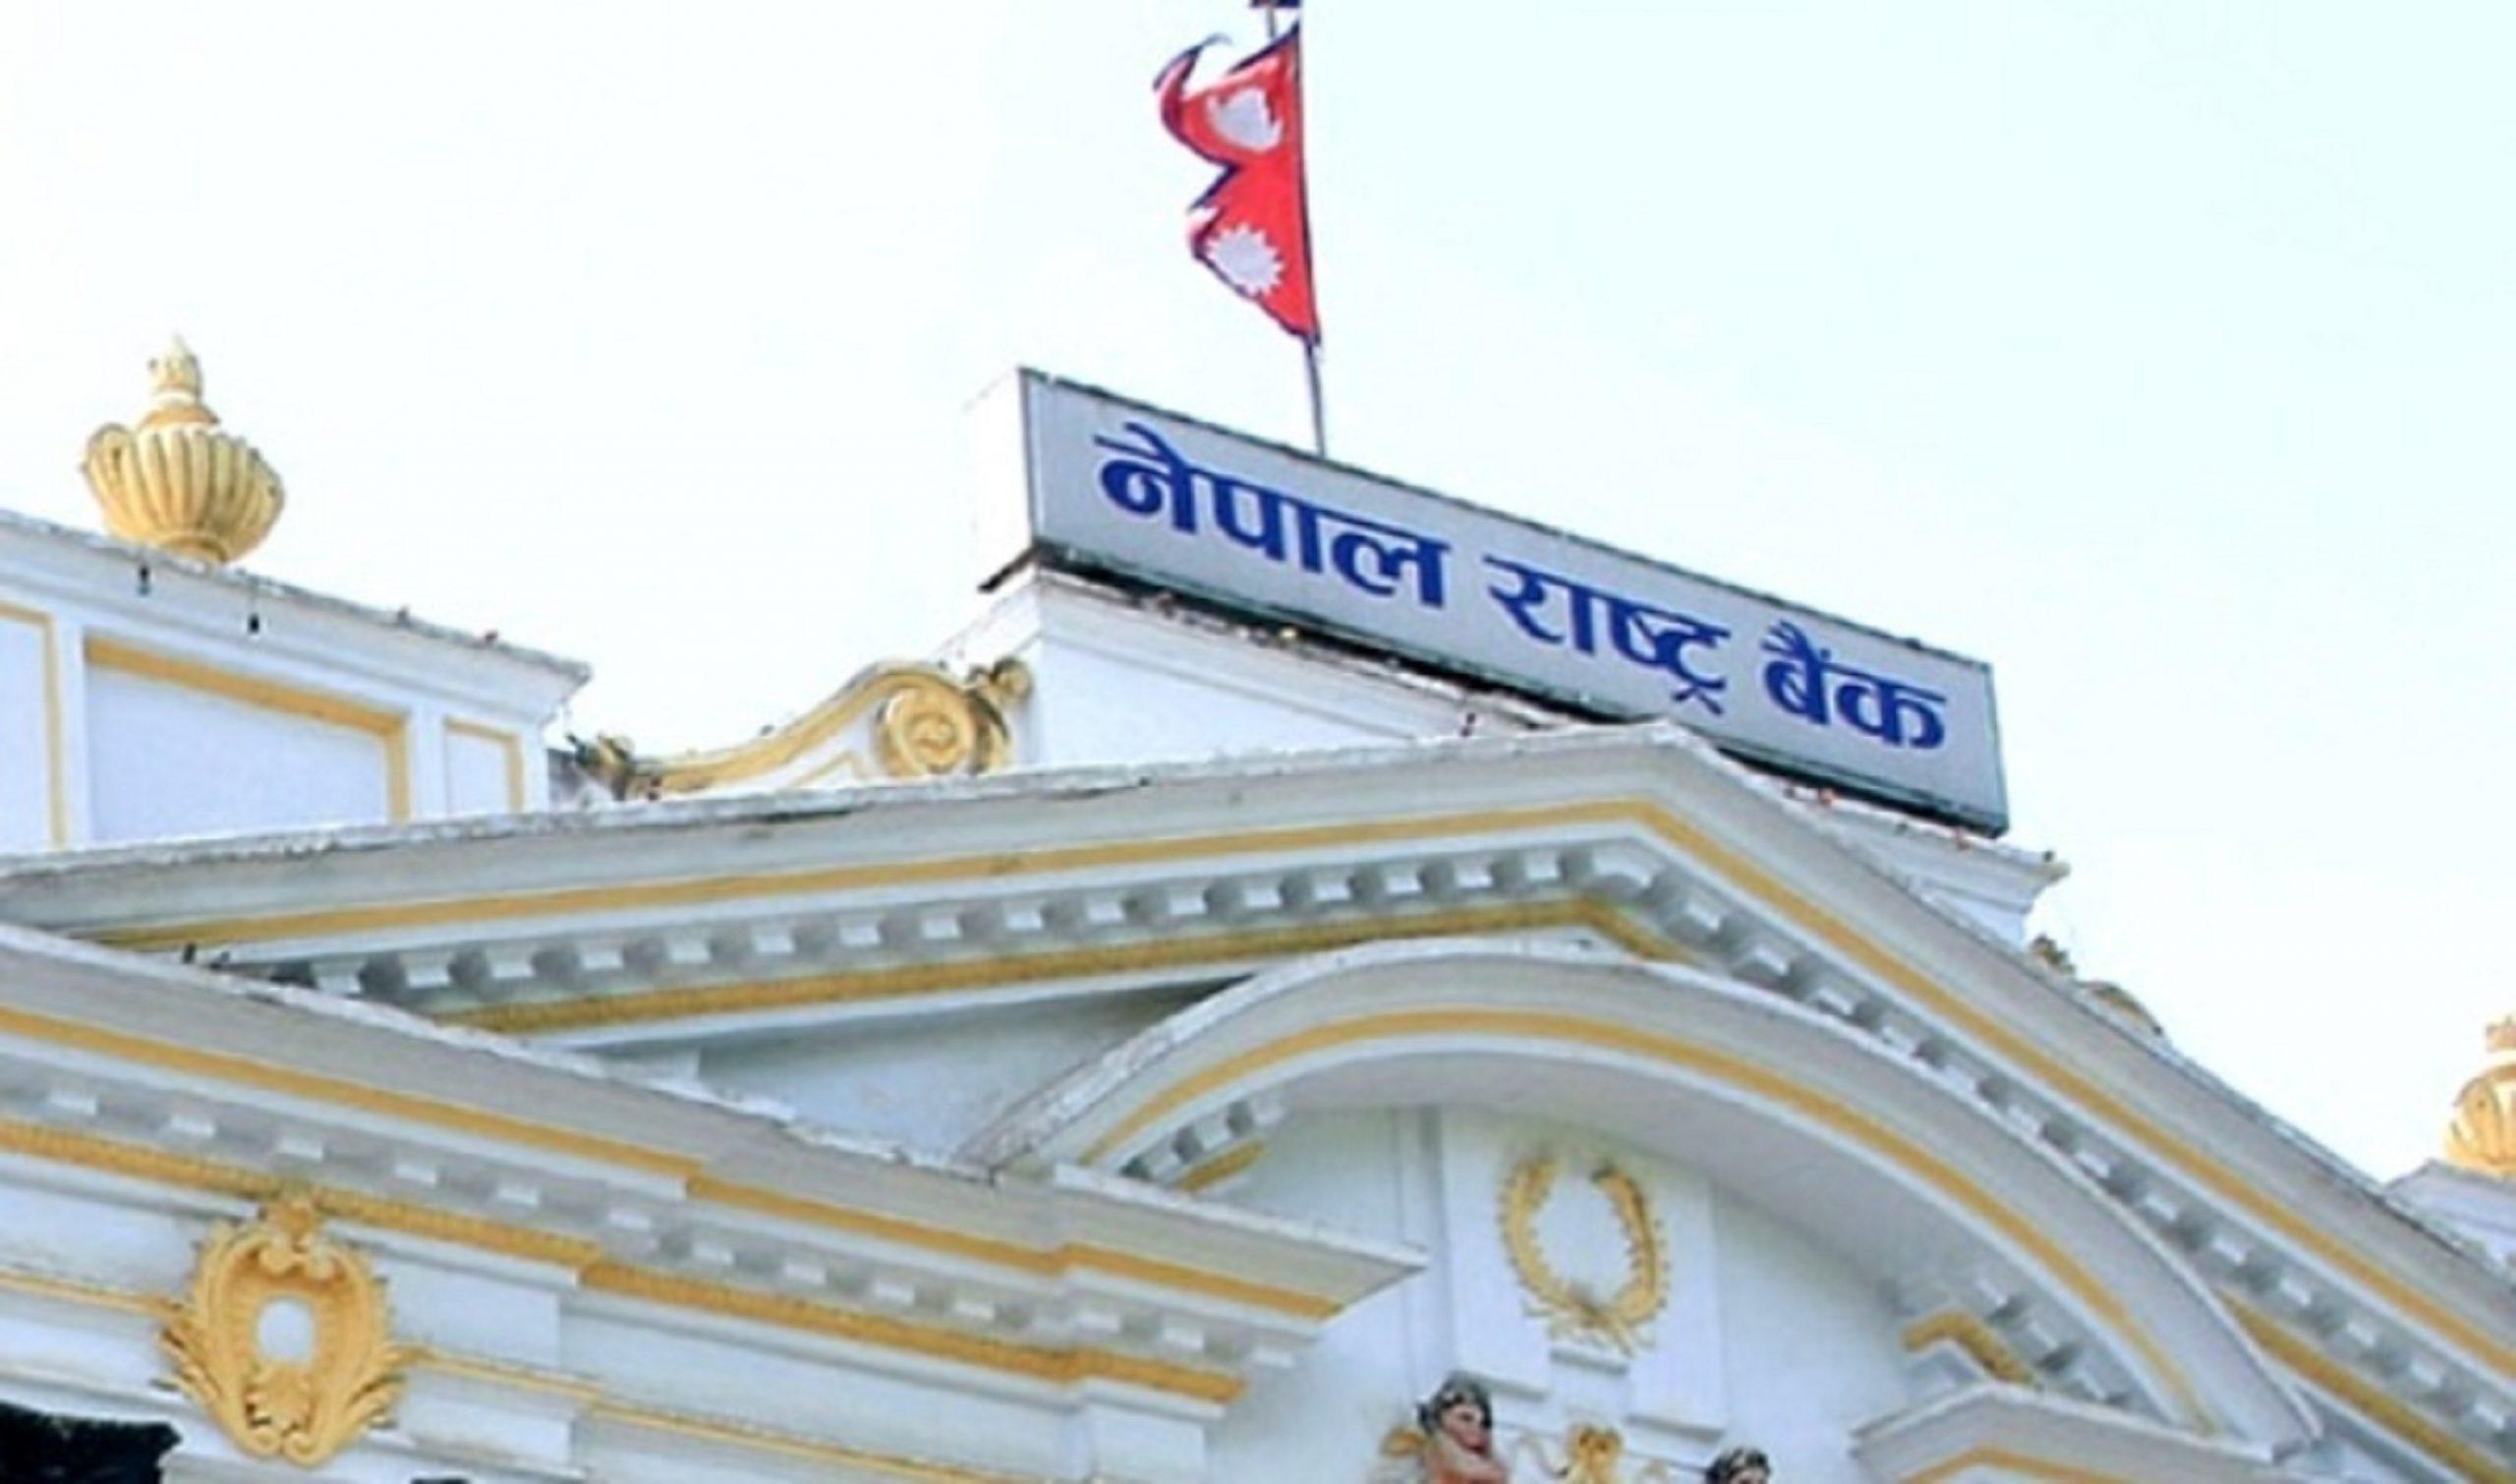 नेपाल राष्ट्र बैंकले खुलायो 'नागरिक बचतपत्र', विद्युतीय कारोबारमा जोड